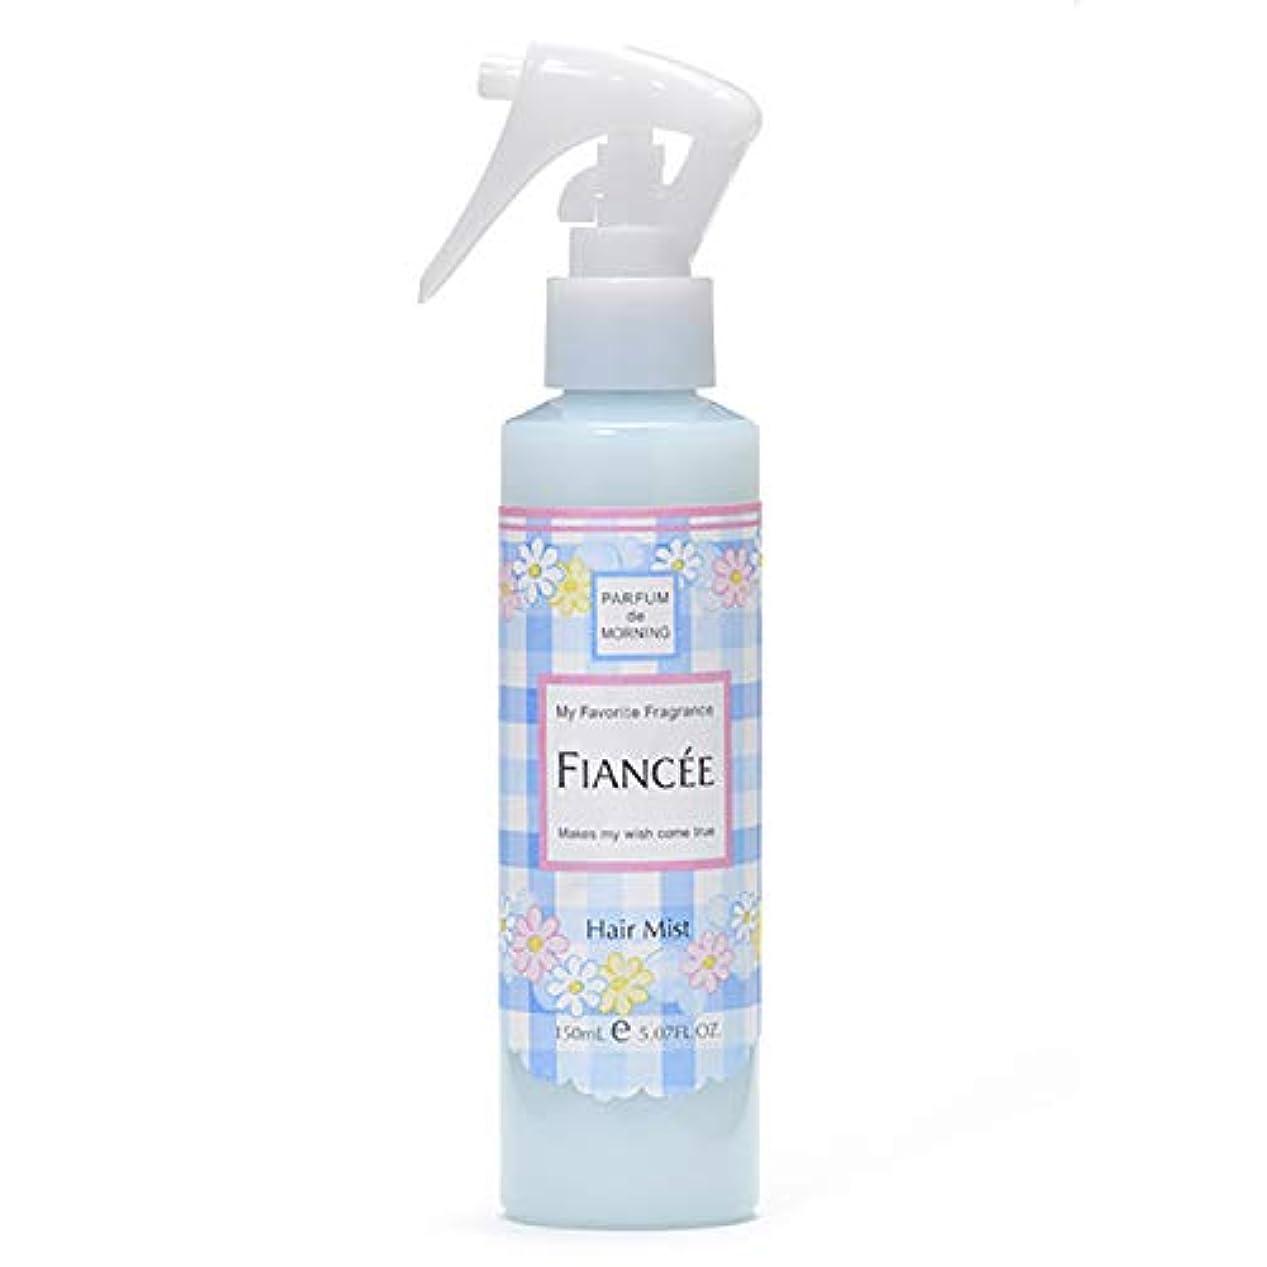 静かなより多い潤滑するフィアンセ フレグランスヘアミスト はじまりの朝の香り 150ml